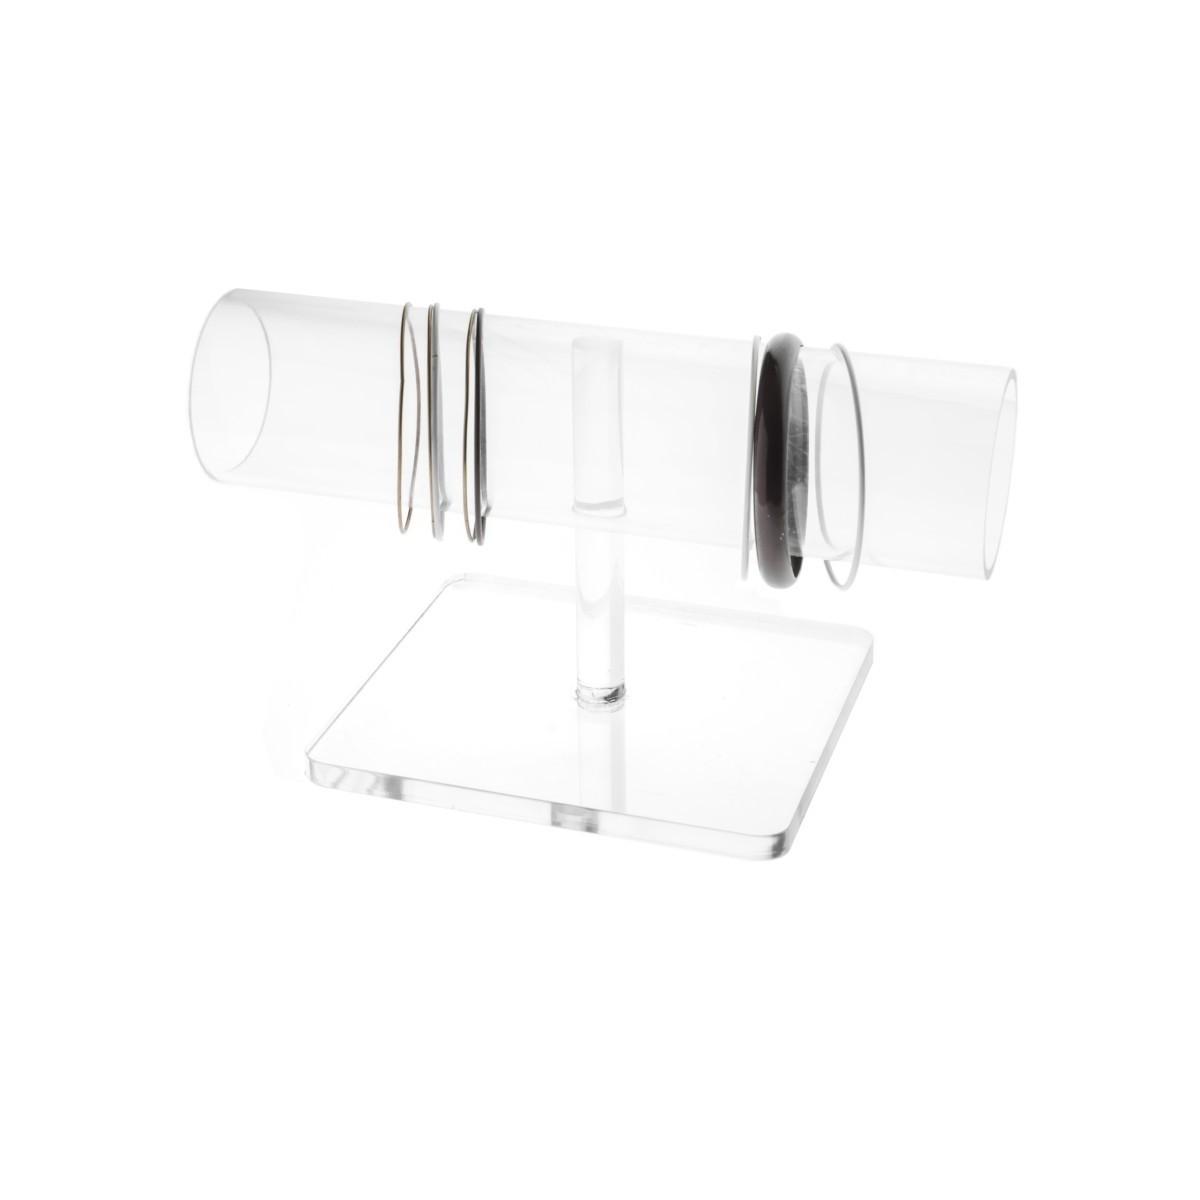 E-092 PB-F - Porta bracciali in plexiglass trasparente con tubo - Misure: 24 x 13 x H14 cm